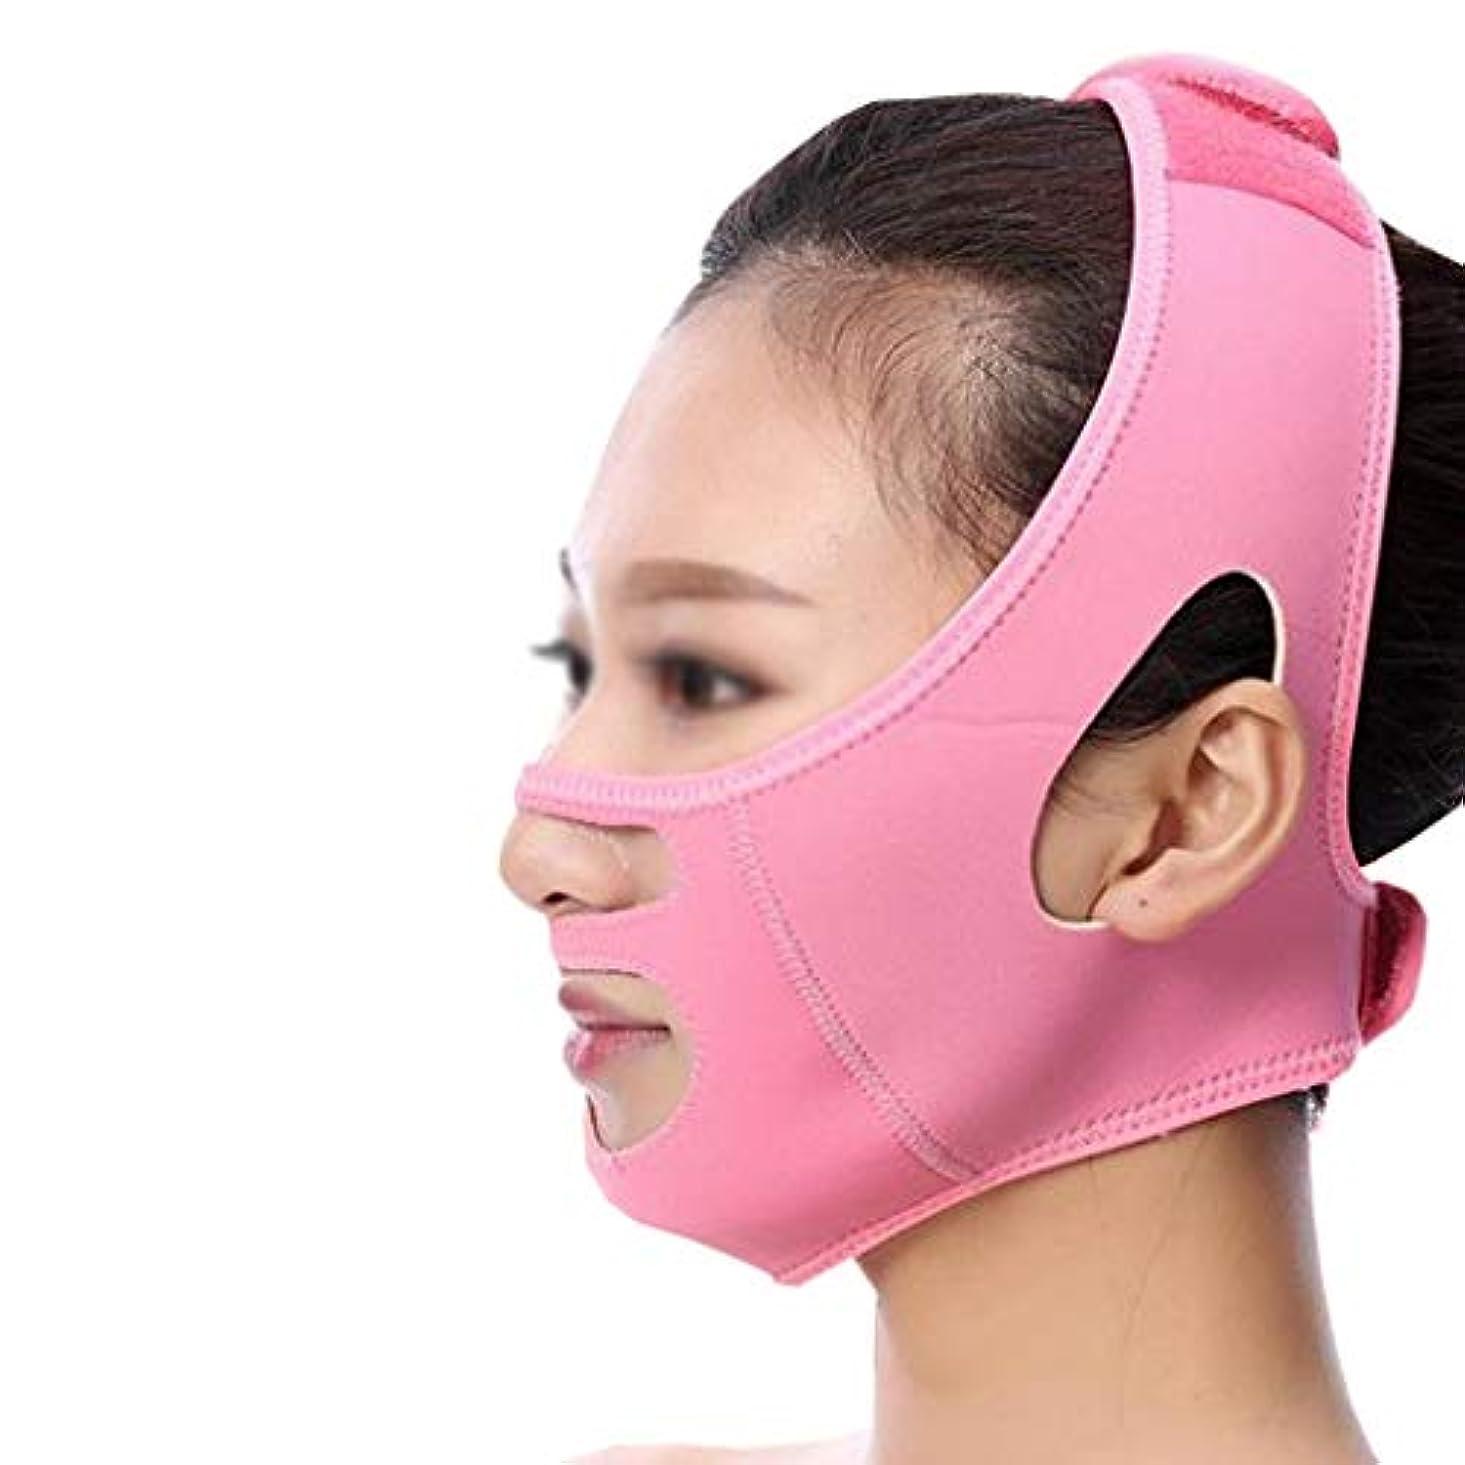 遅滞より平らな確立しますZWBD フェイスマスク, フェイスリフティングフェイスリフティングフェイスリフティングフェイスマスク機器フェイスリフティング包帯男性と女性肌引き締めしわ防止法律パターン薄い顔の楽器フェイスリフティングアーティファクト